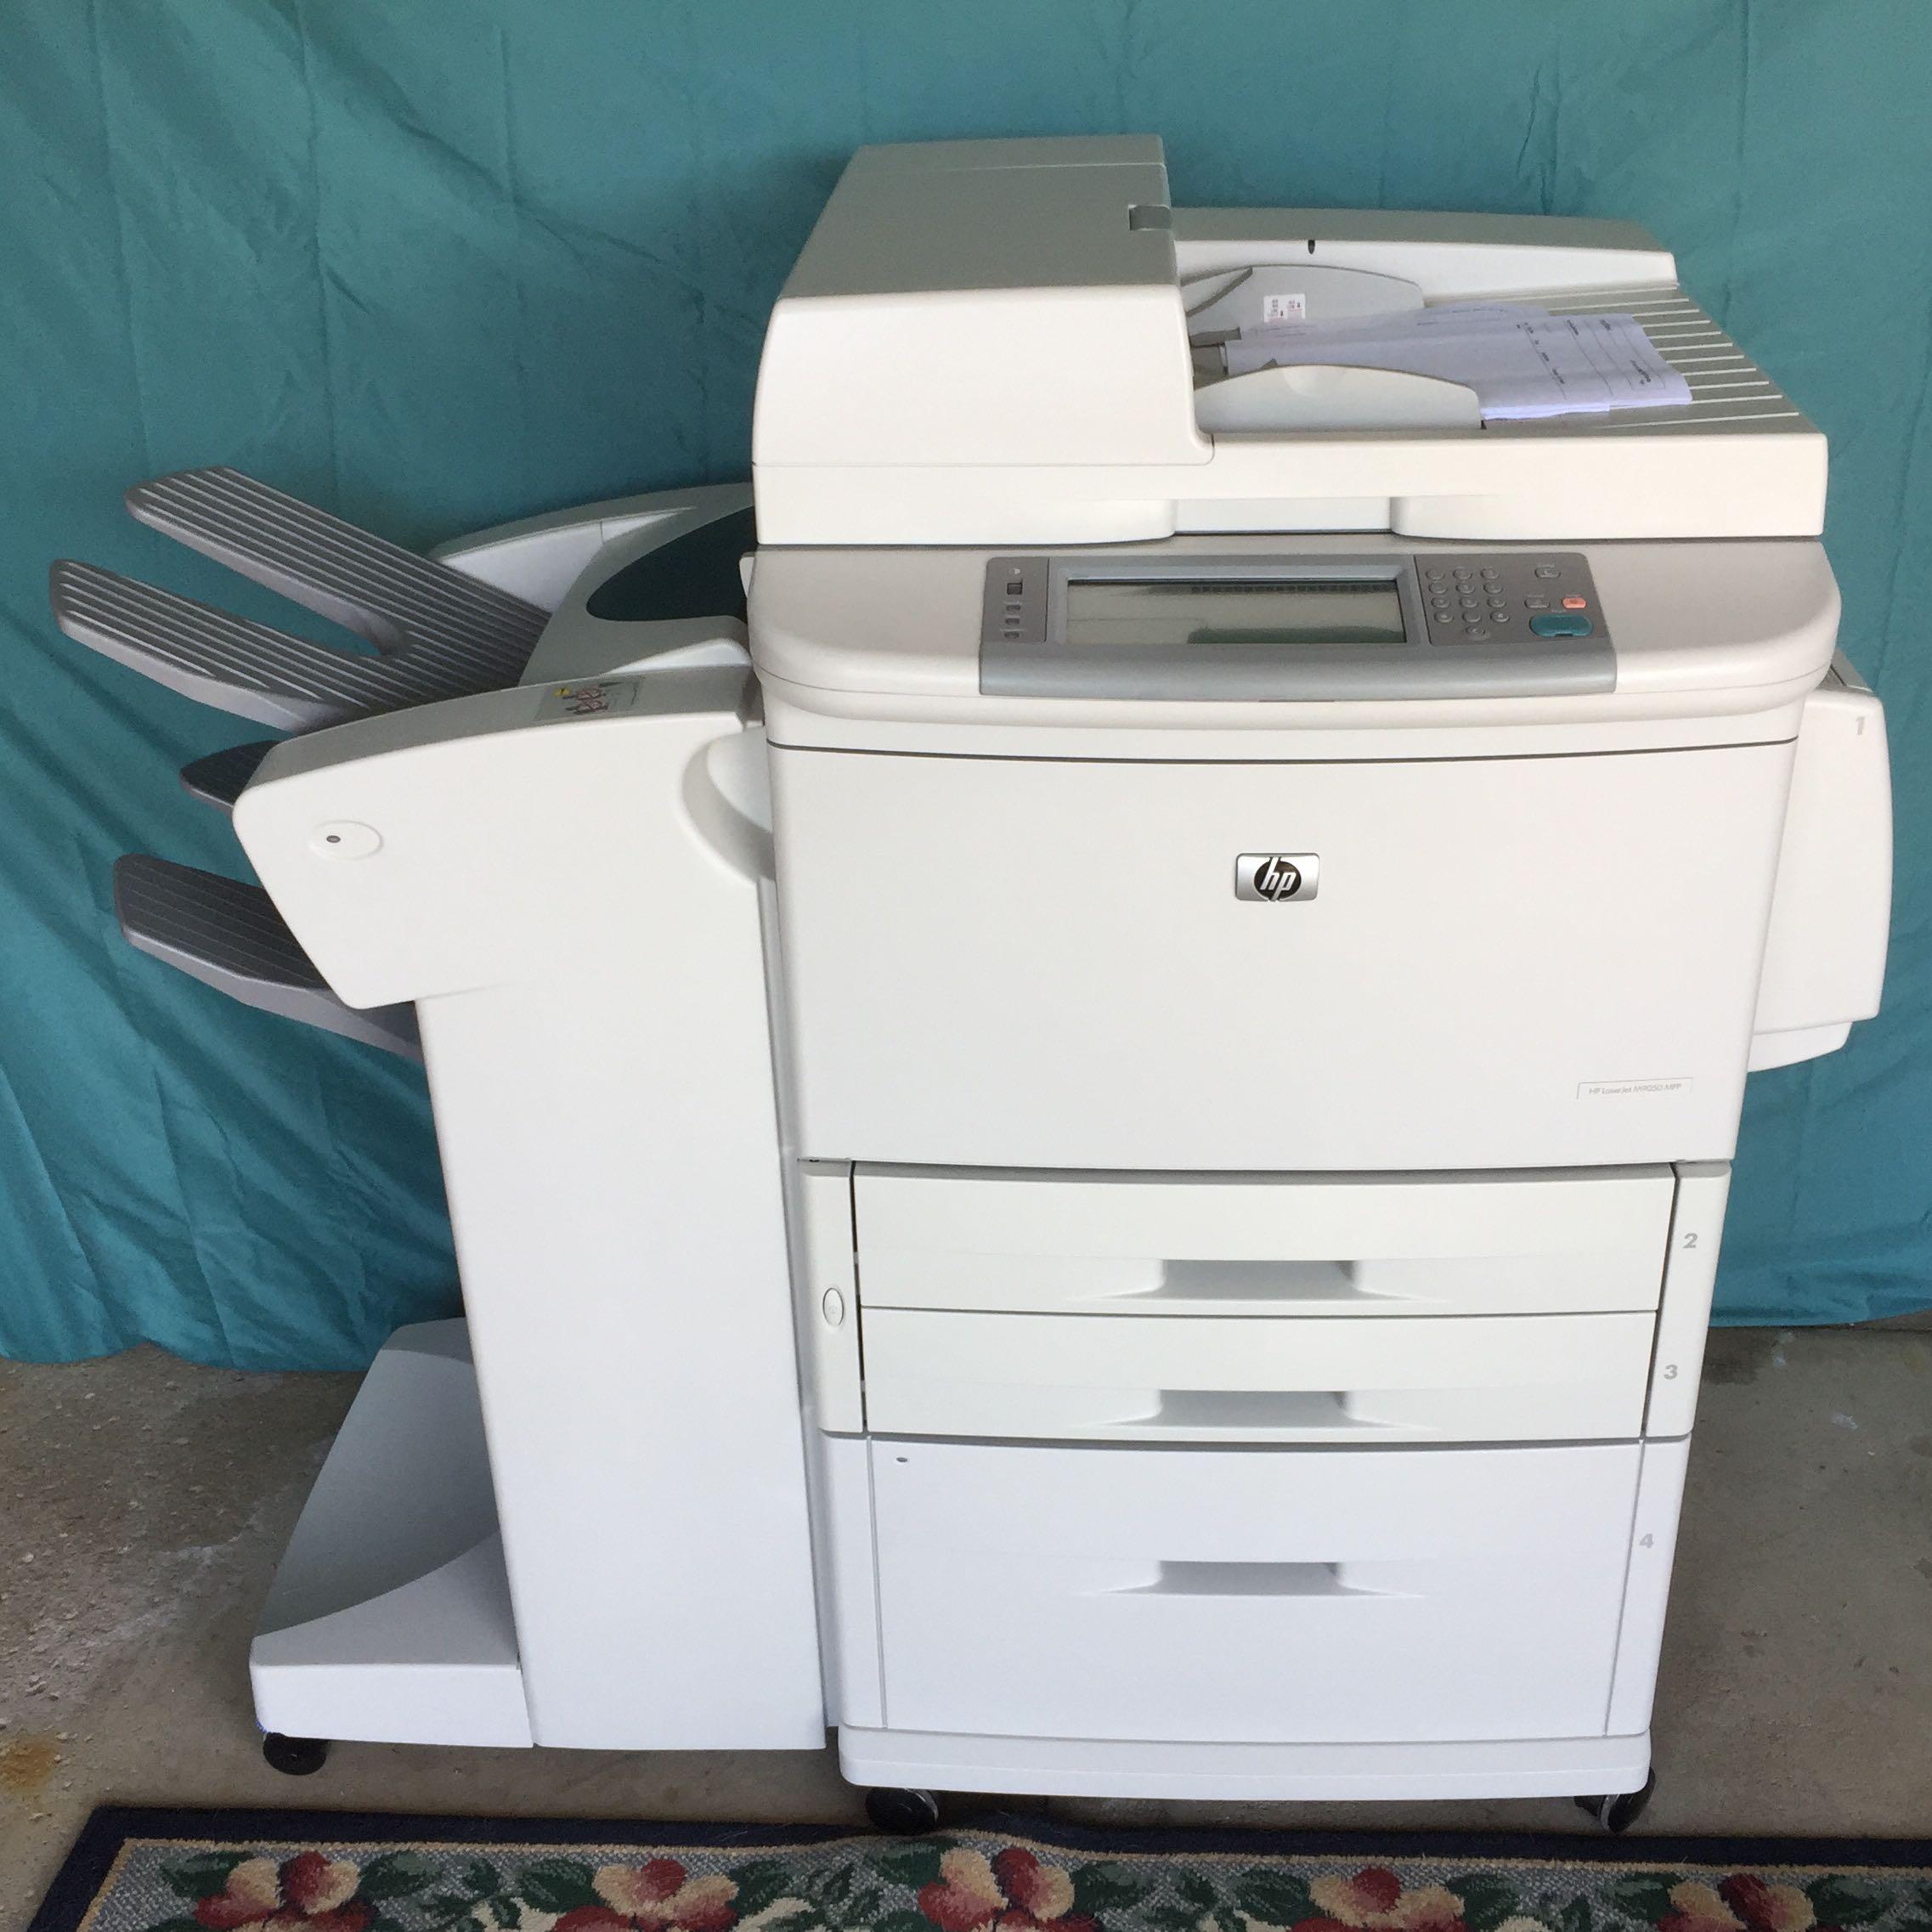 Hewlett Packard 9050MFP